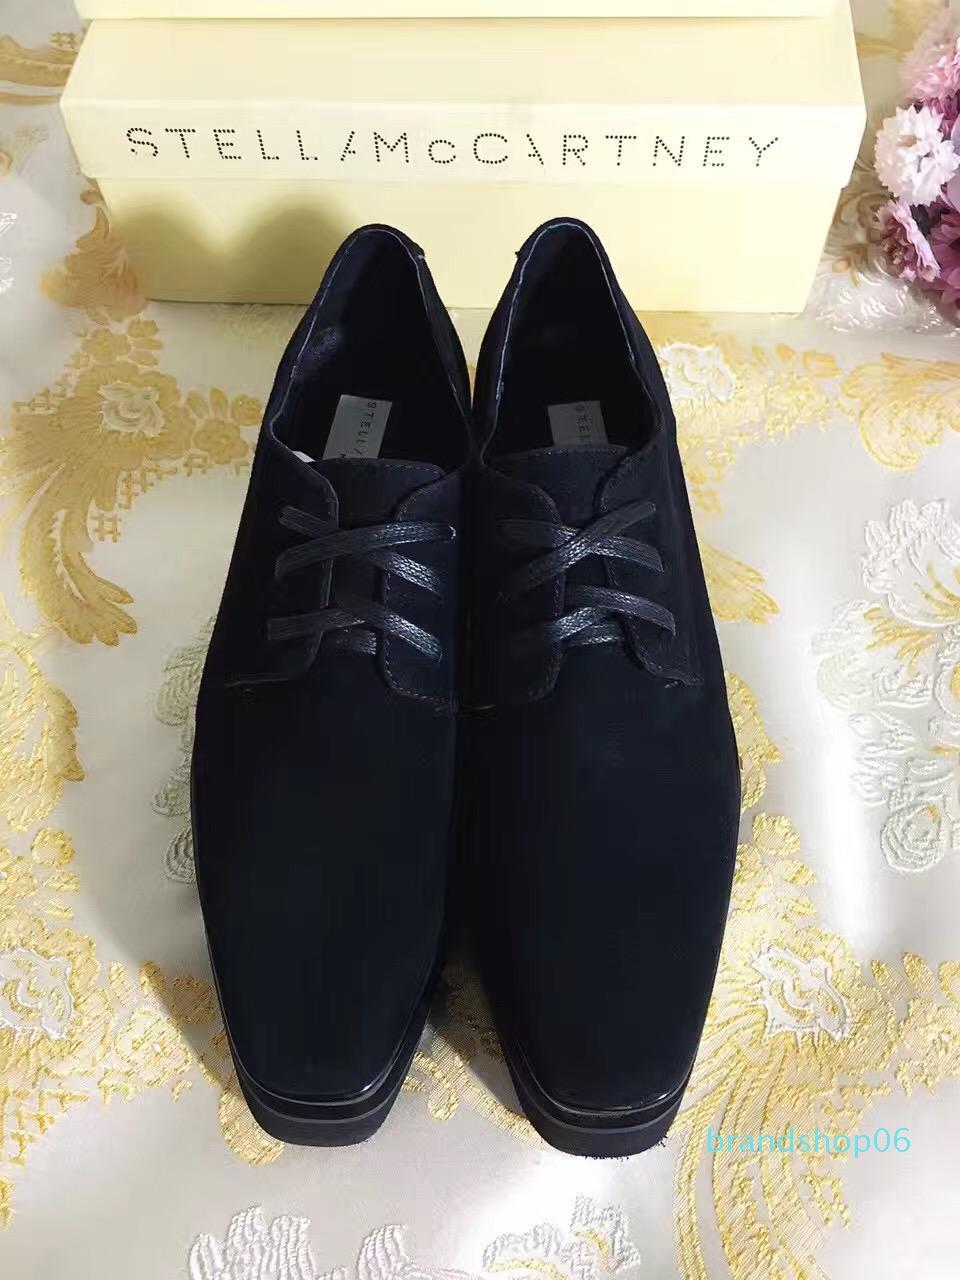 2020 zapatos de plataforma Stella Mccartney Elyse Negro gamuza de piel de oveja de cuero de moda ata para arriba alrededor del dedo del pie 35-42